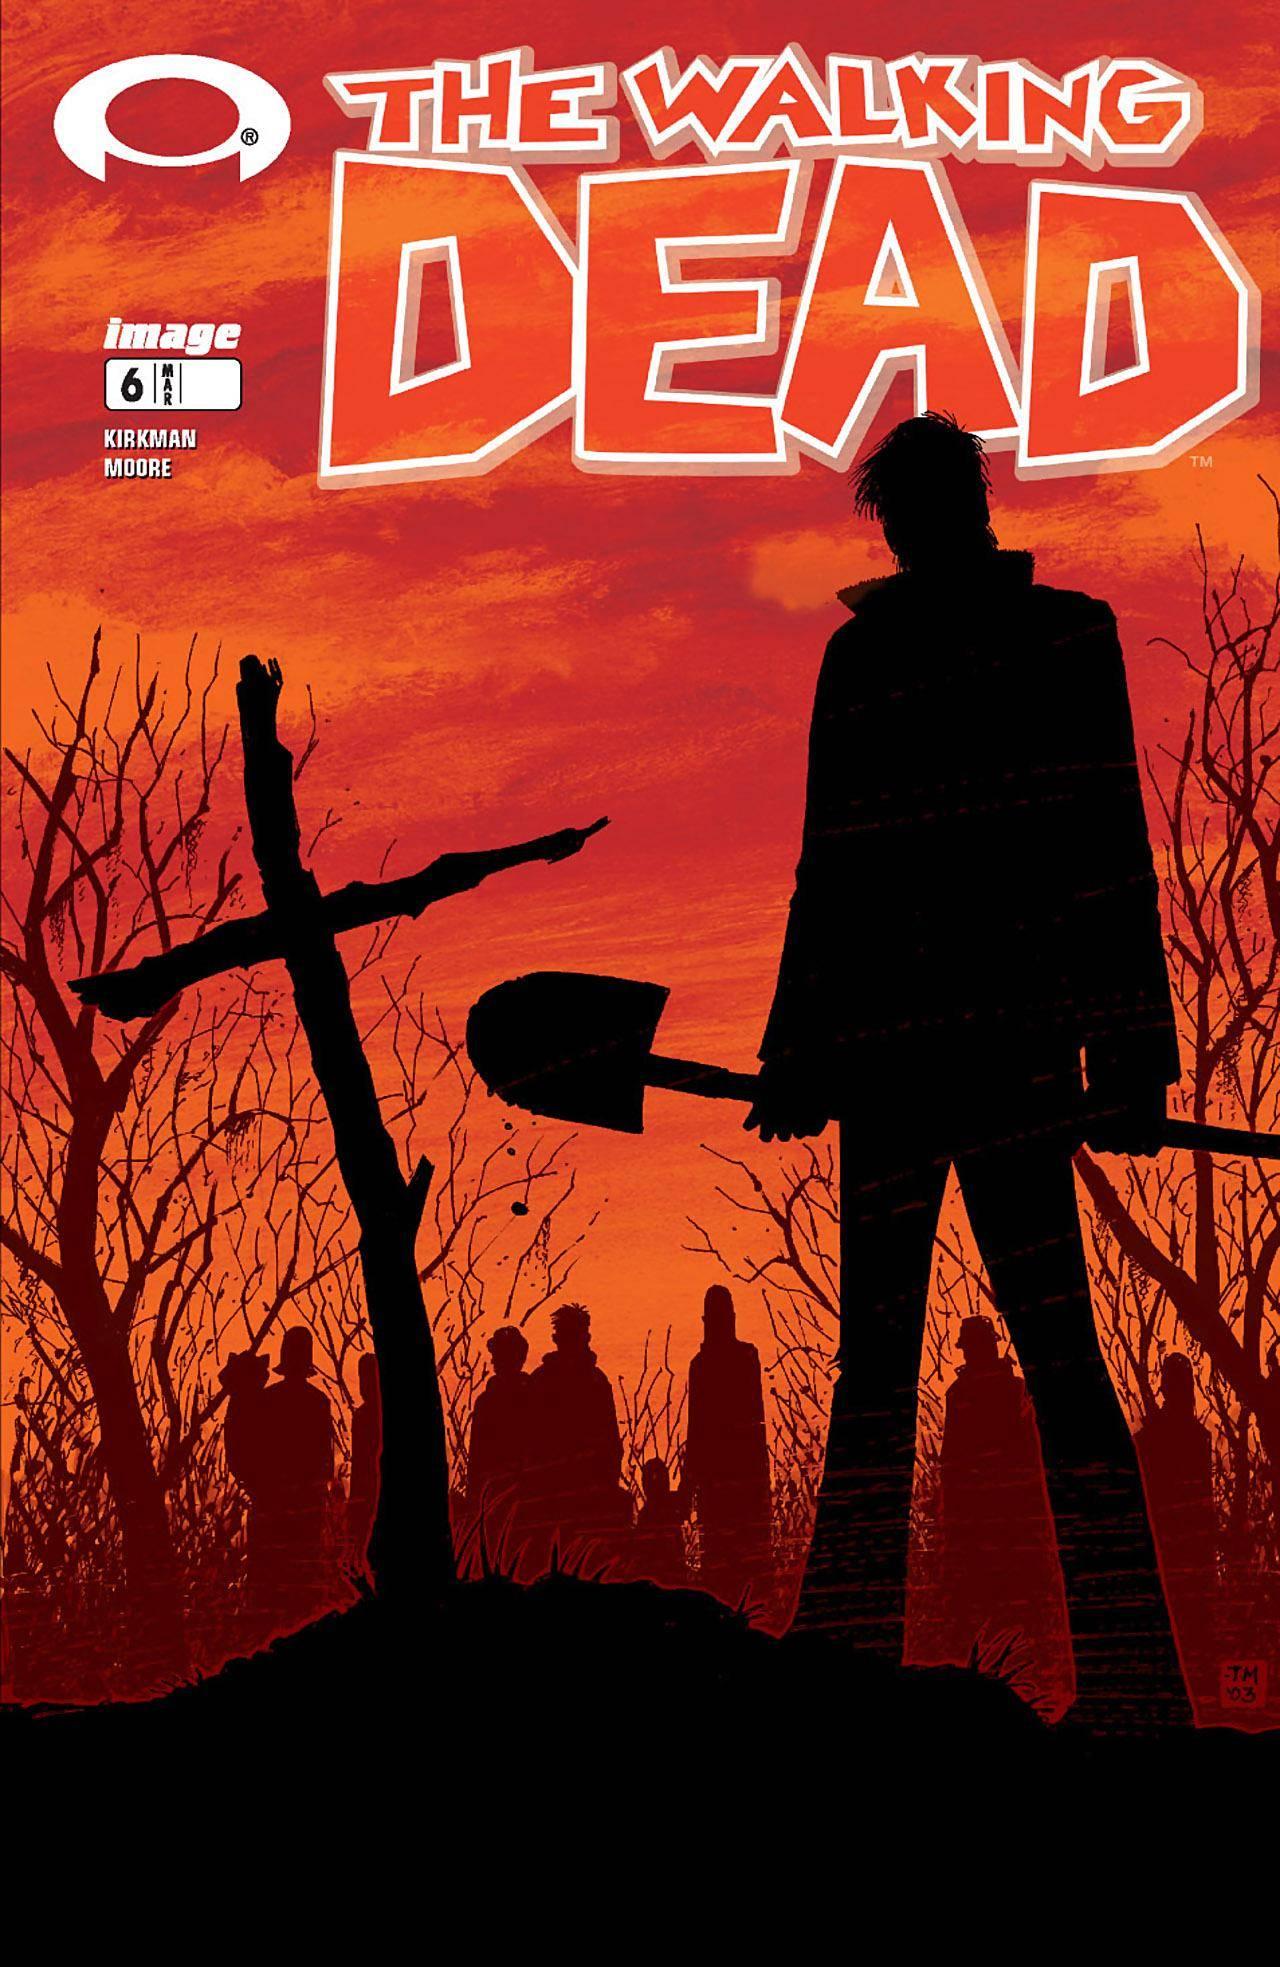 Walking Dead 006 2004 digital